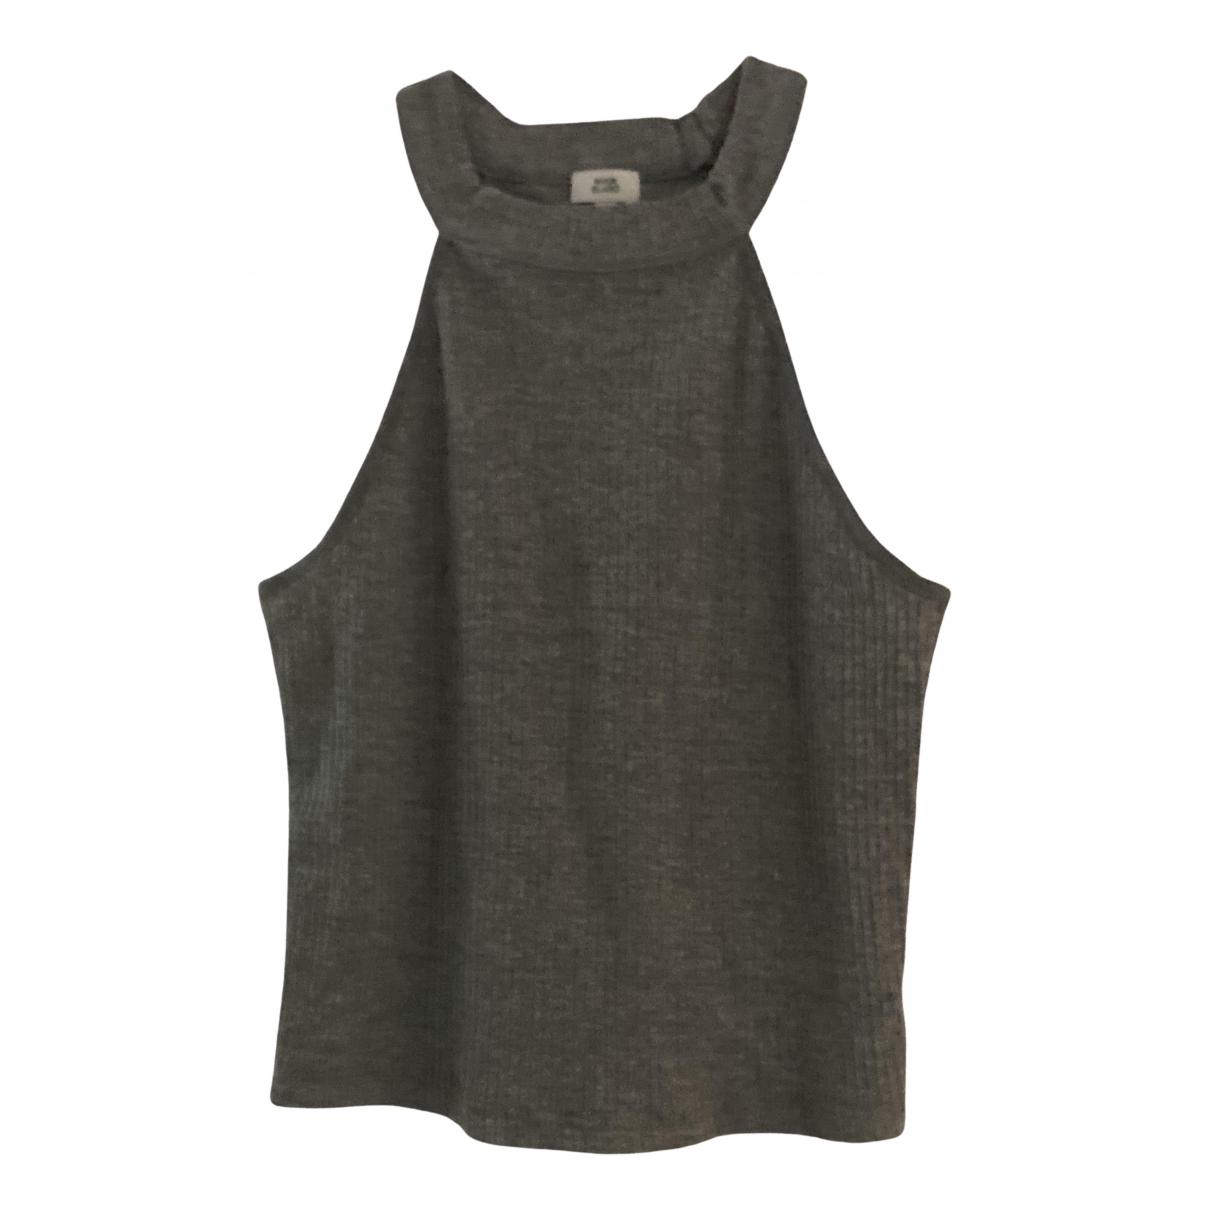 River Island - Top   pour femme en coton - gris